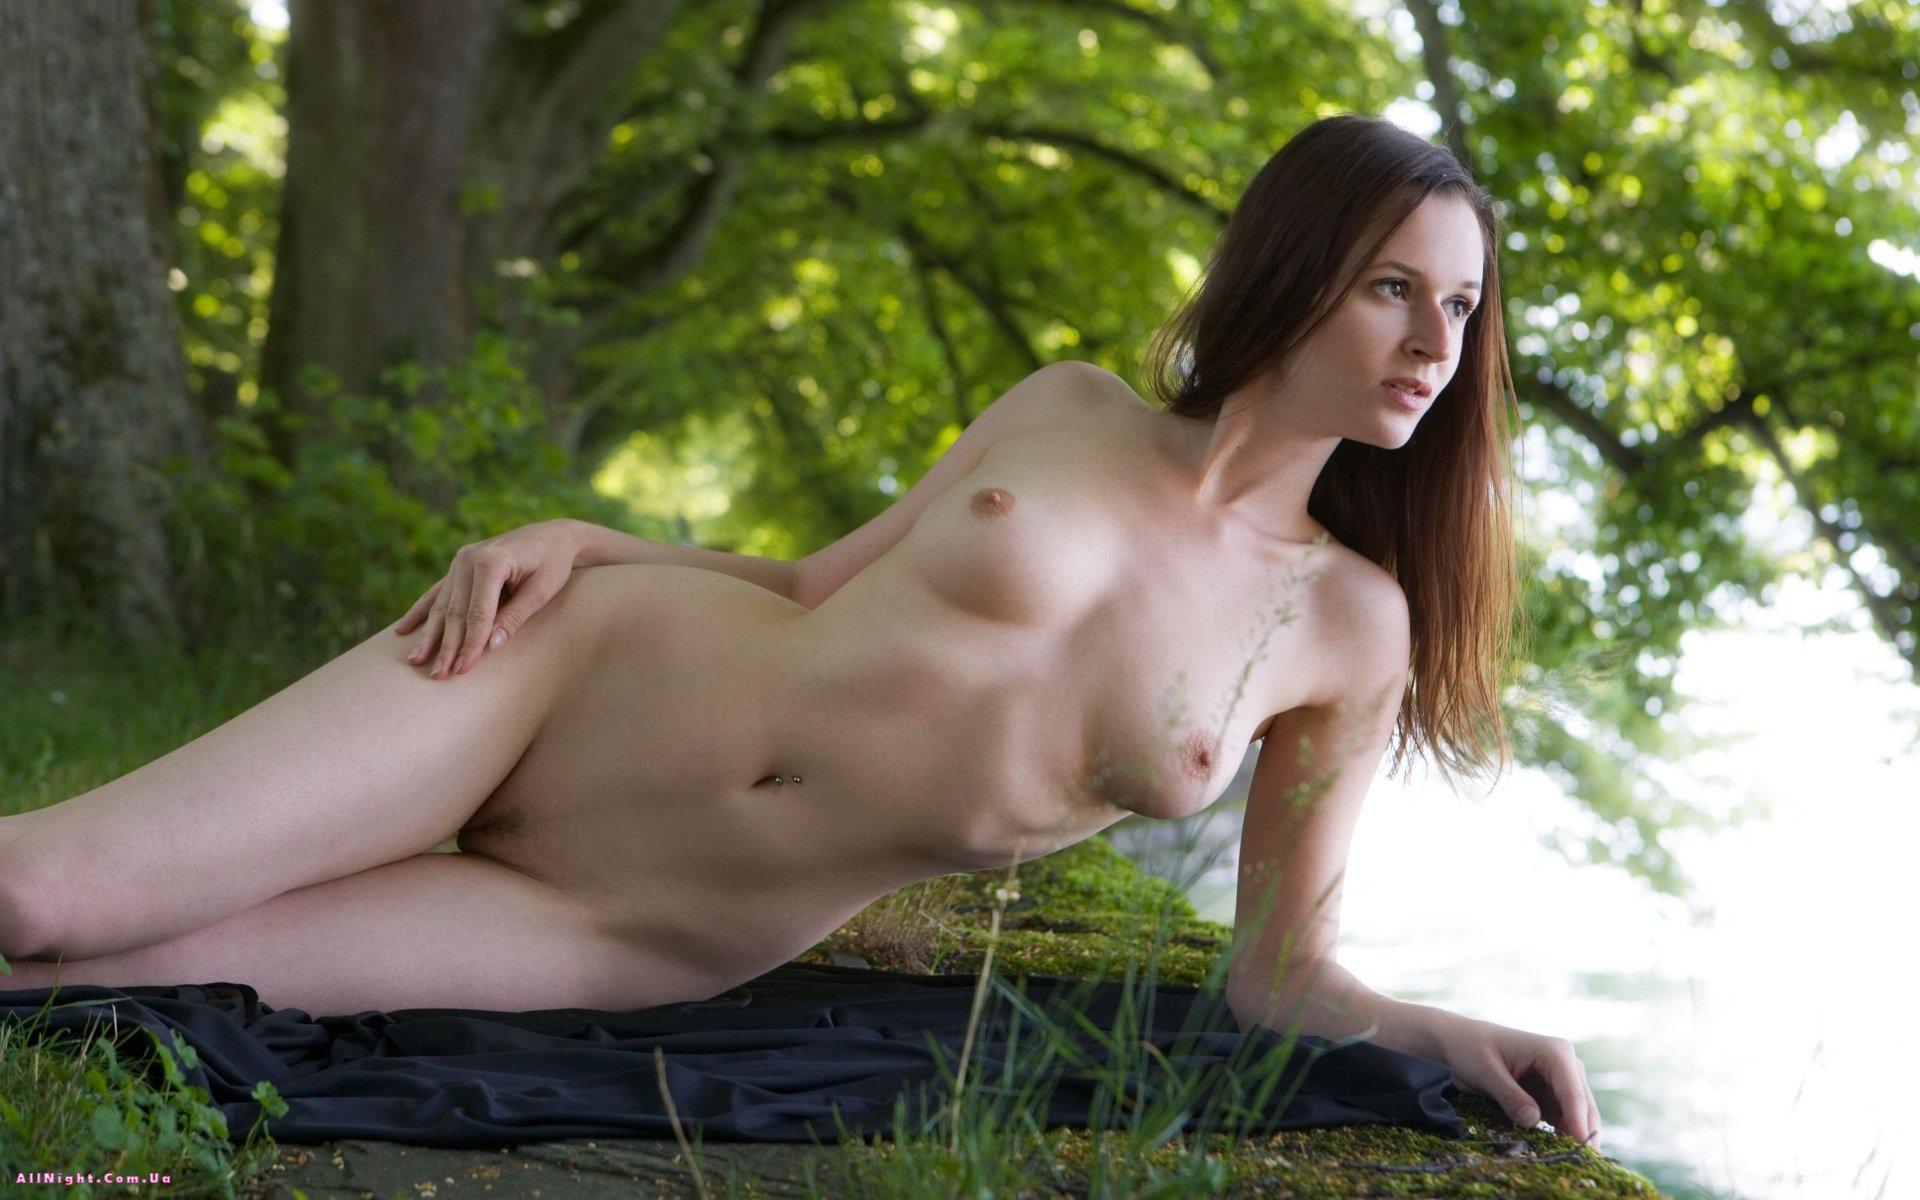 Красивая эротика в парке, порно бабы круто трахают мужиков смотреть онлайн